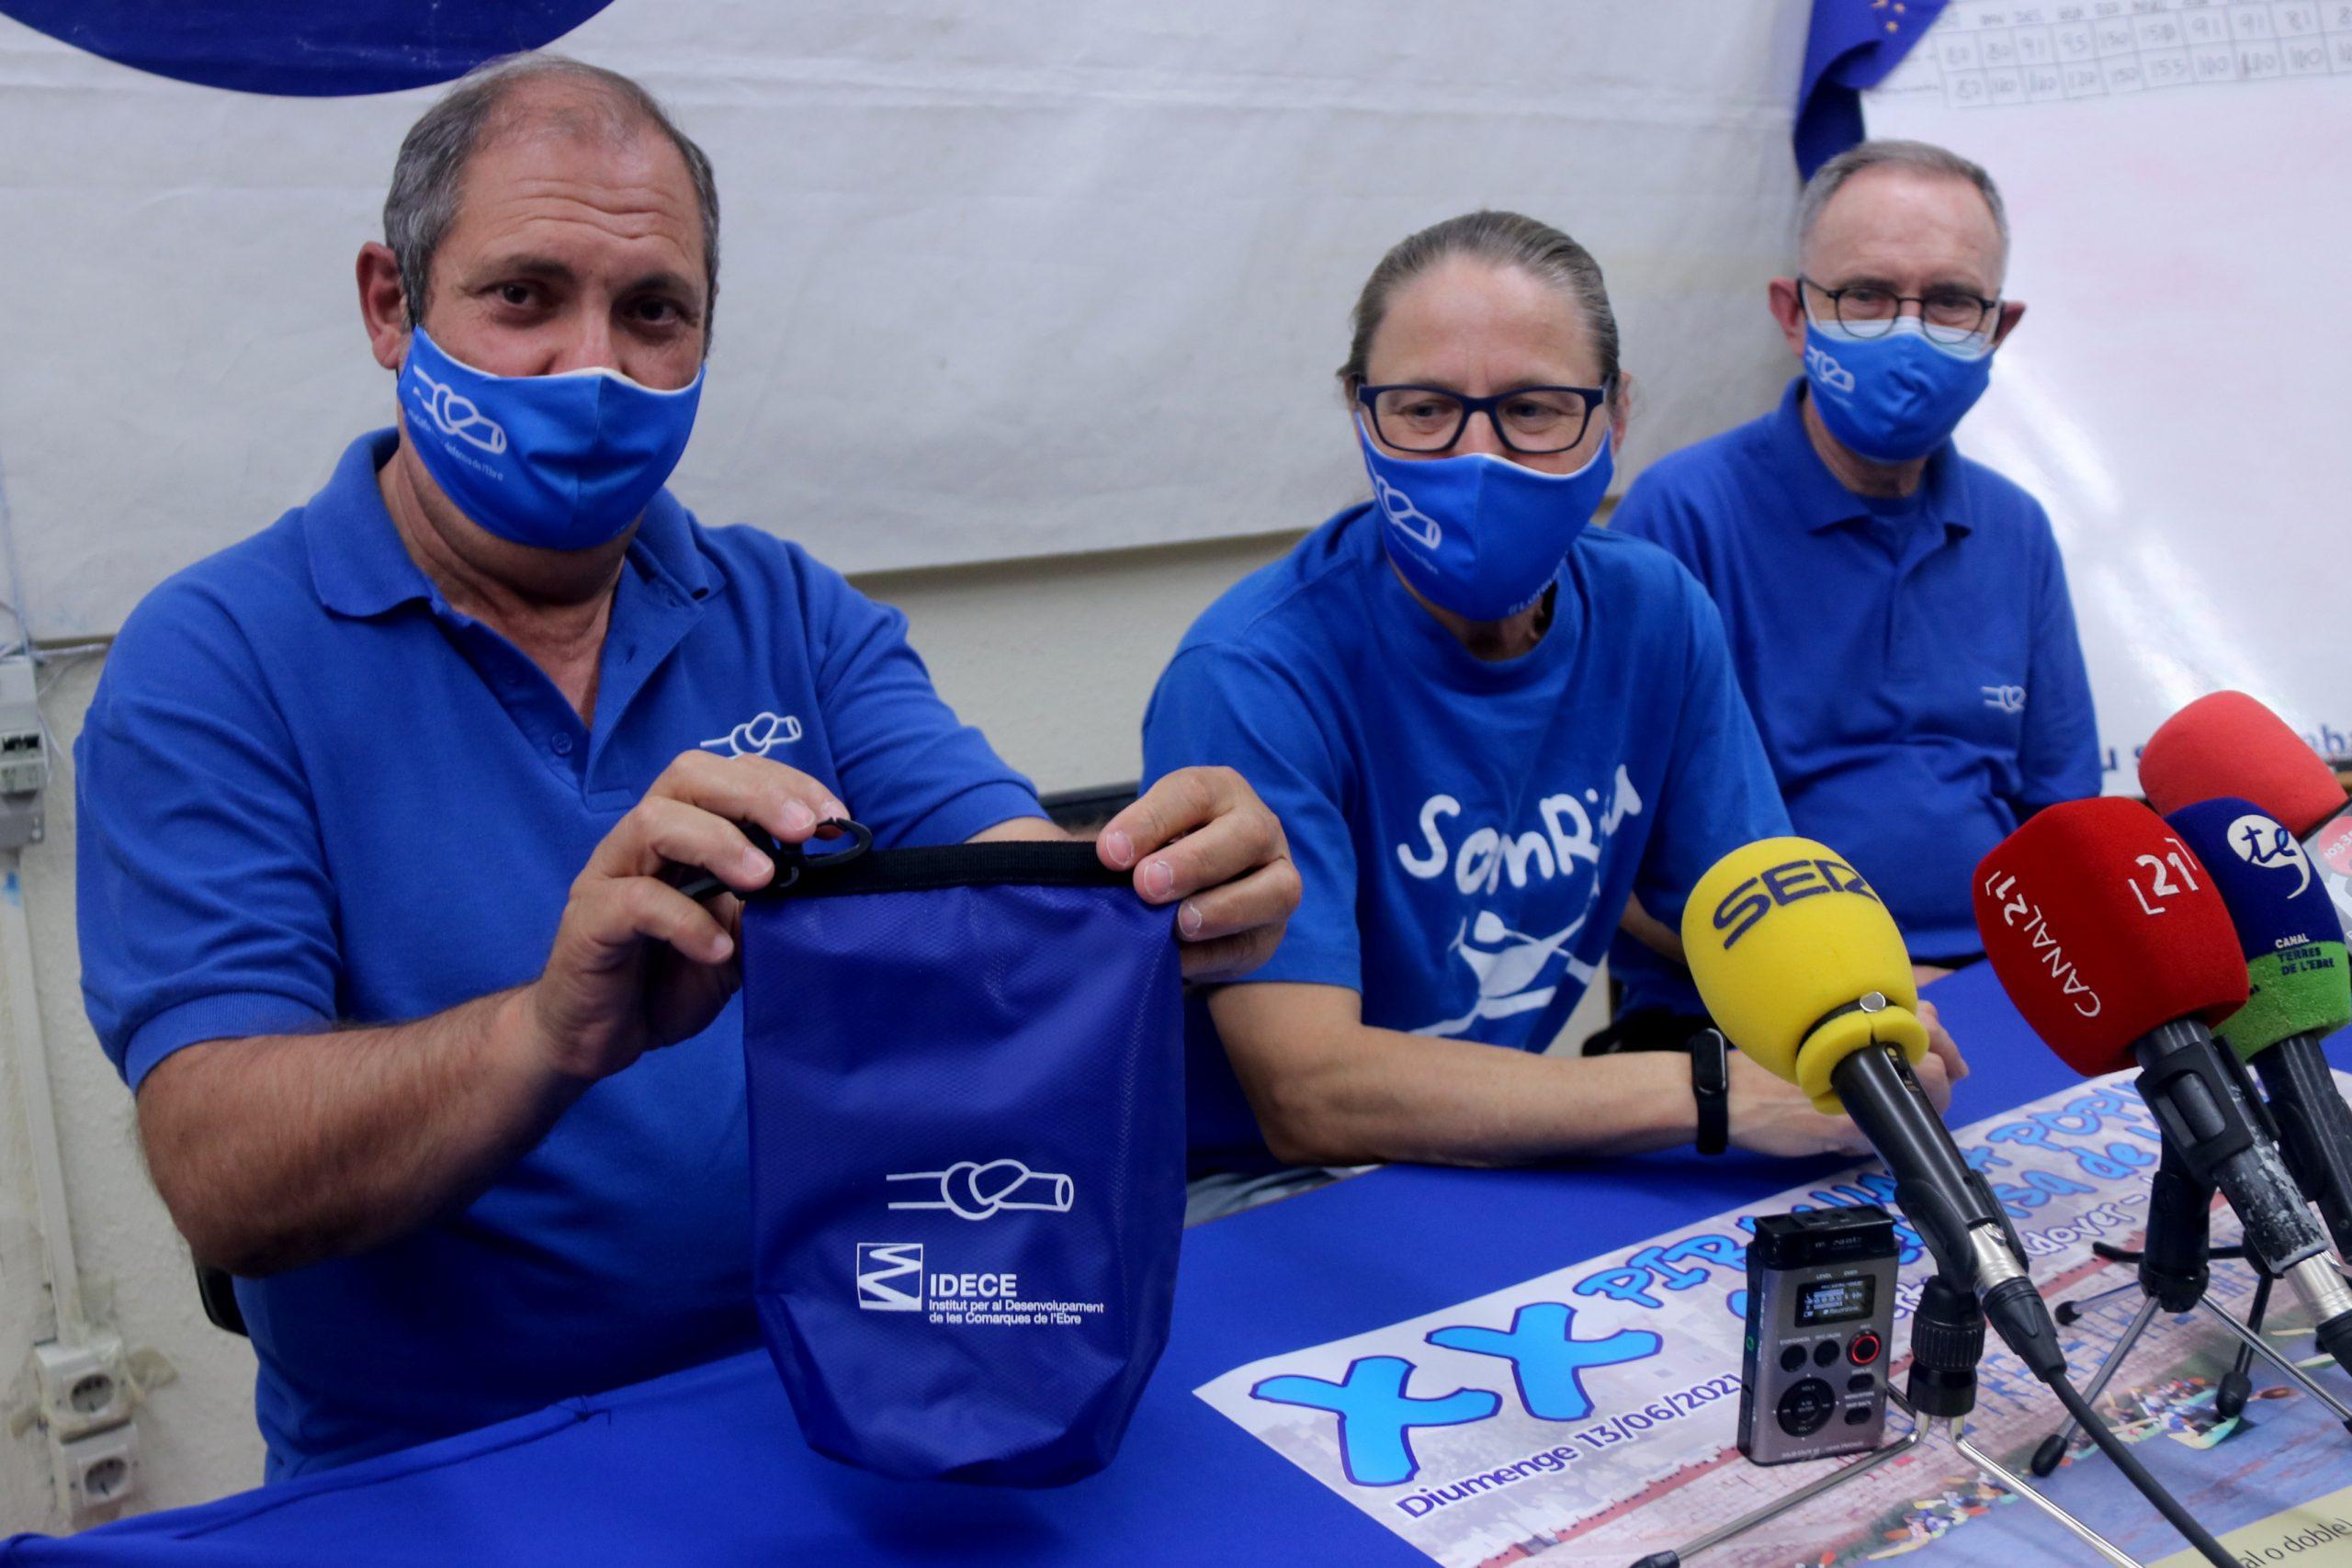 El portaveu de la PDE, Joan Antoni Panisello, mostrant la bossa que lliuraran als participants de la XX Piraguada en Defensa de l'Ebre | ACN